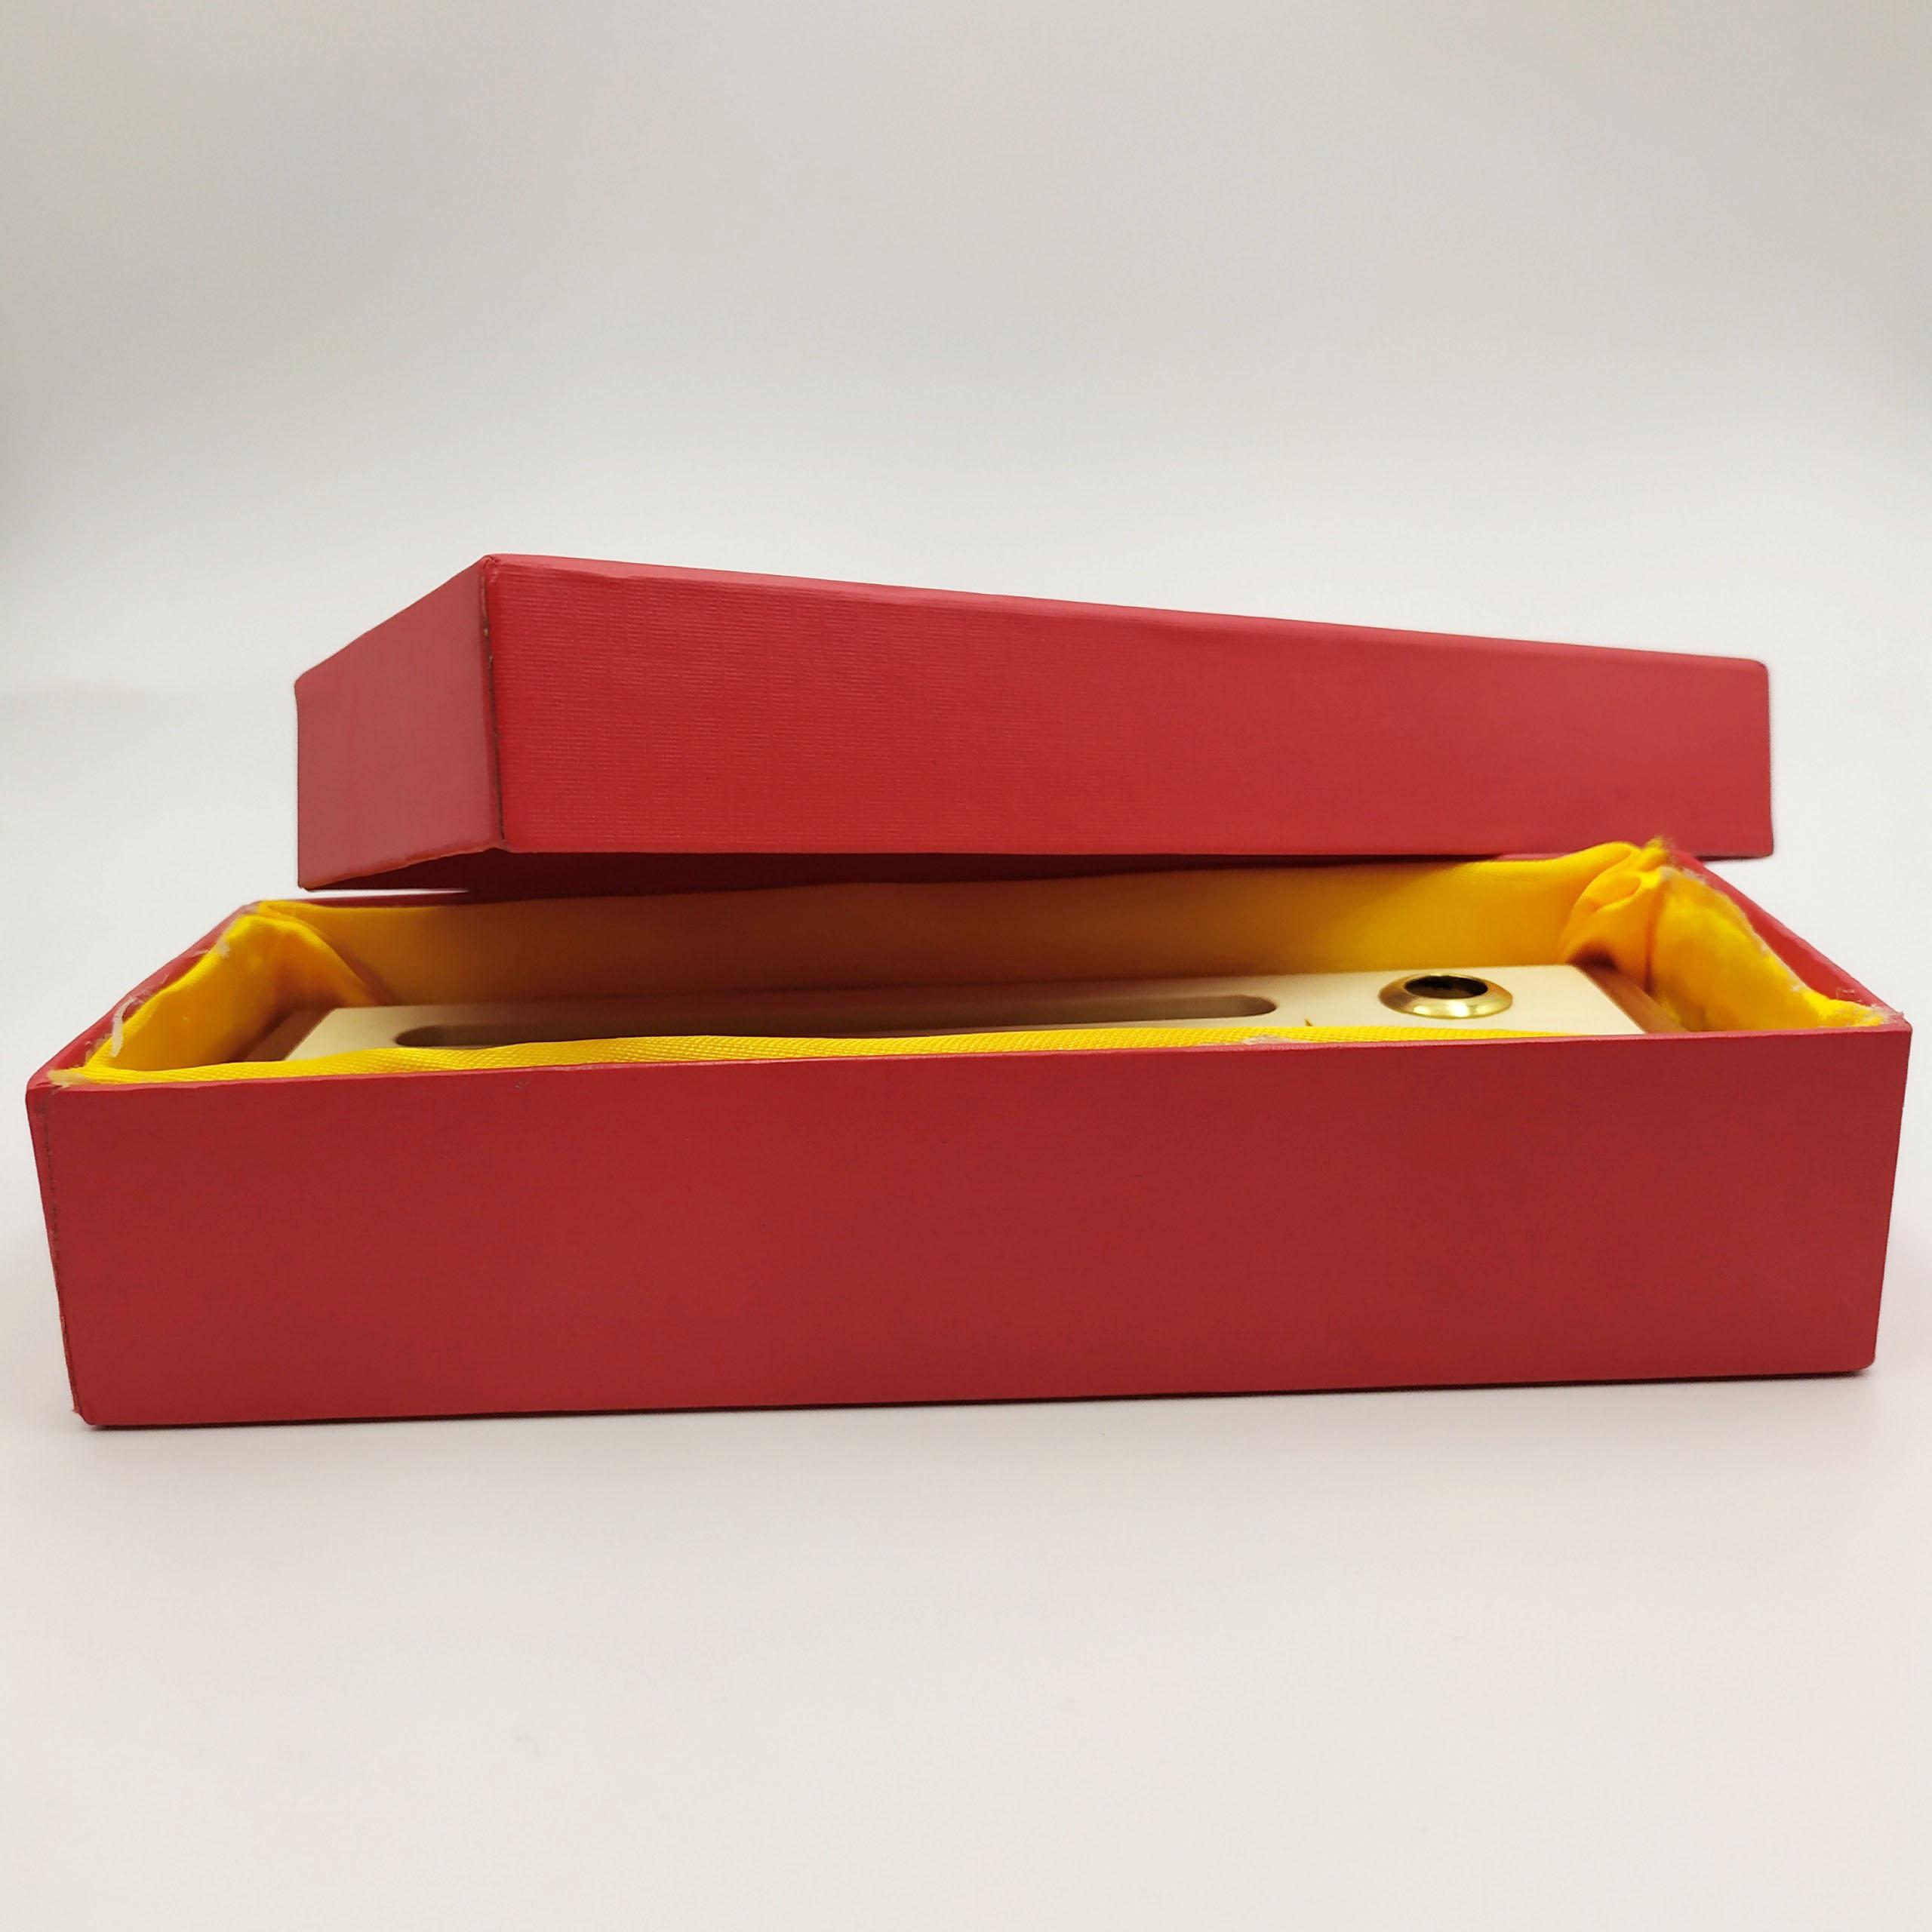 Bộ bút gỗ cao cấp tặng Thầy Cô 02 (Kèm hộp đựng sang trọng)